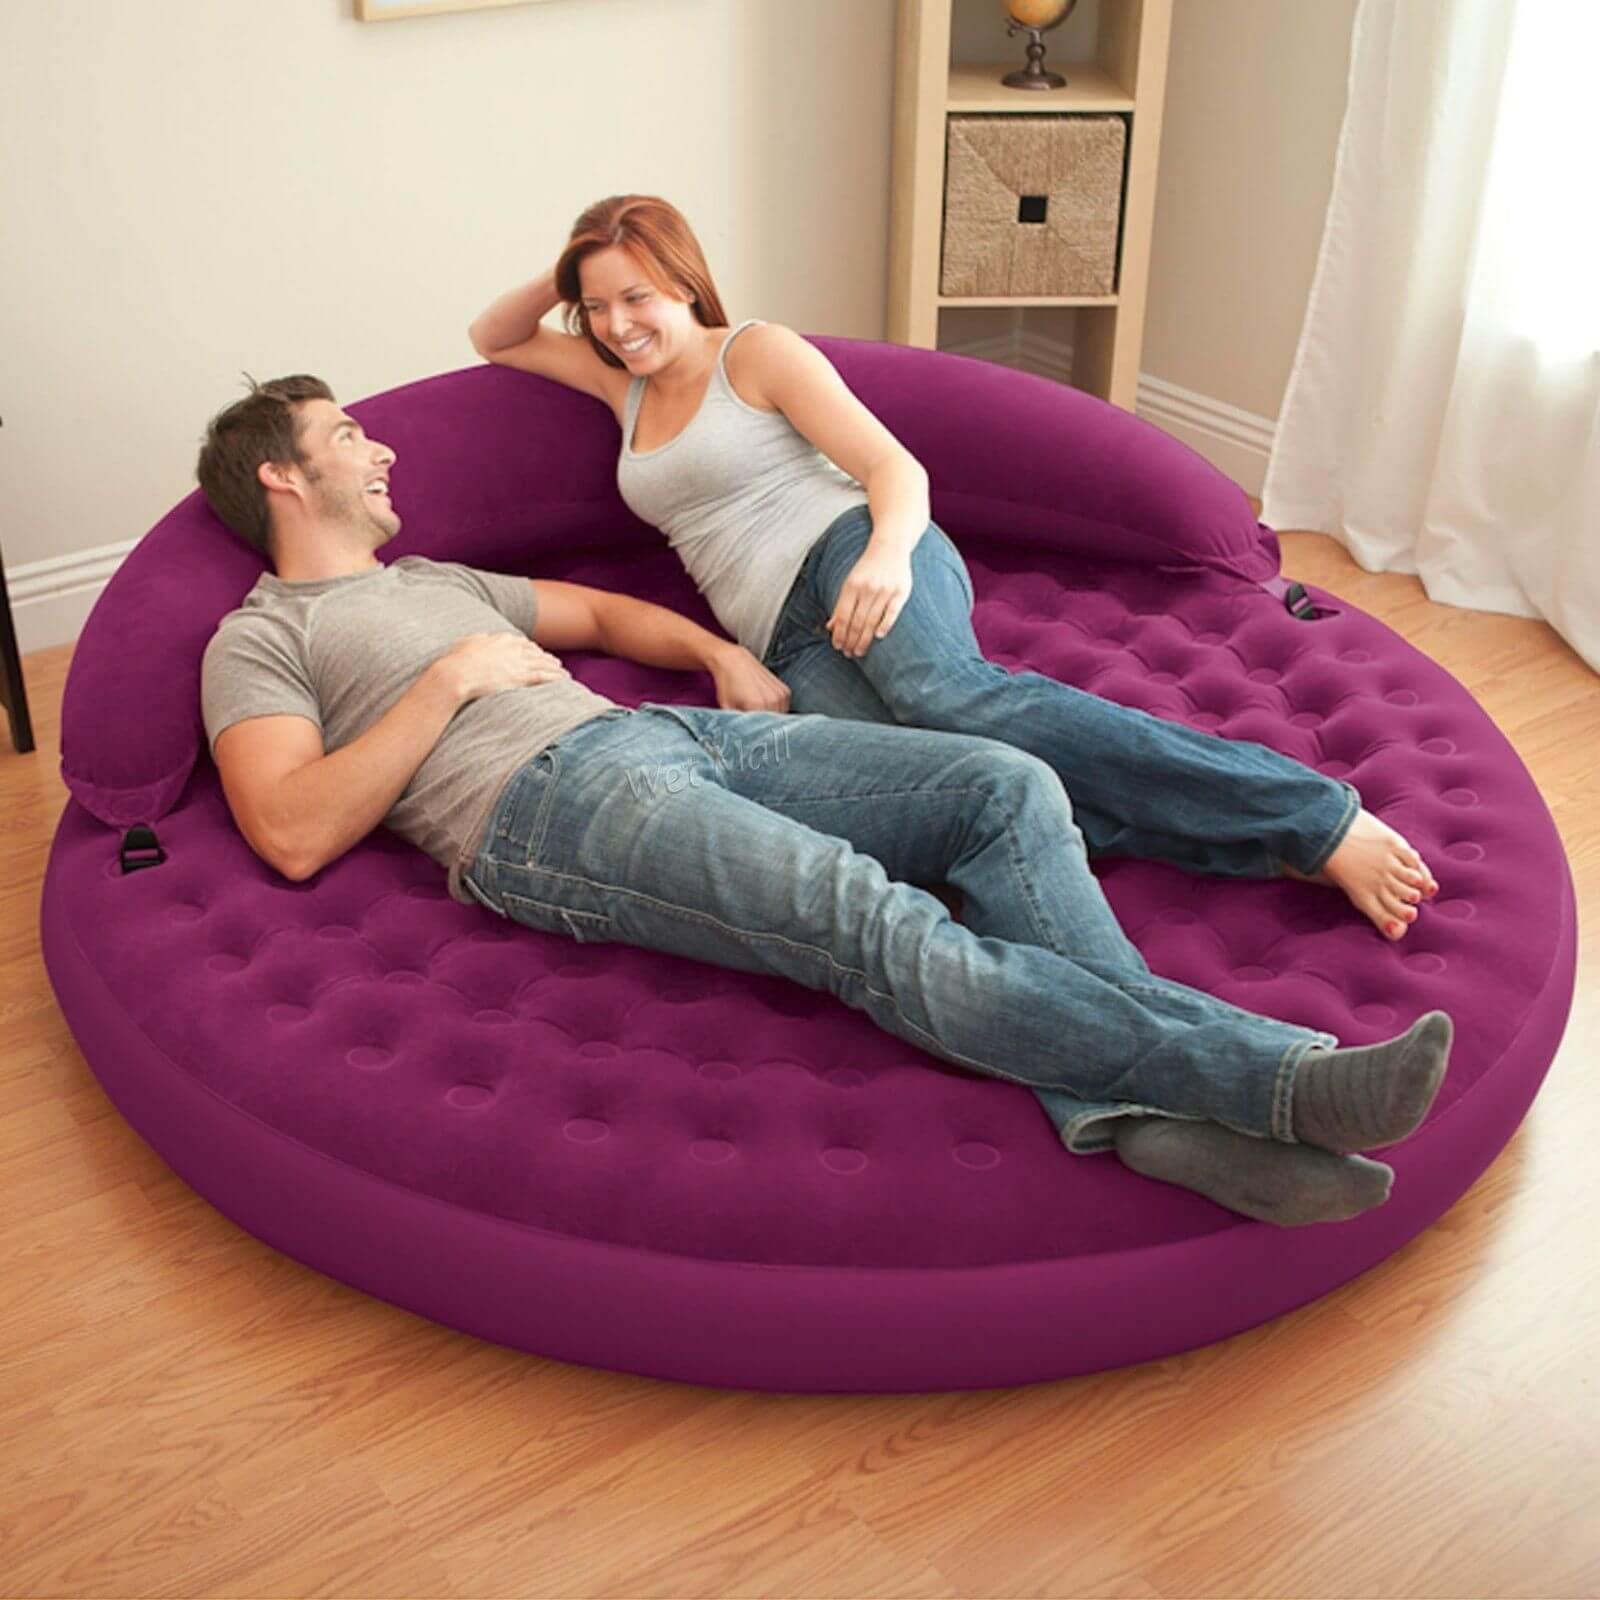 круглая надувная кровать